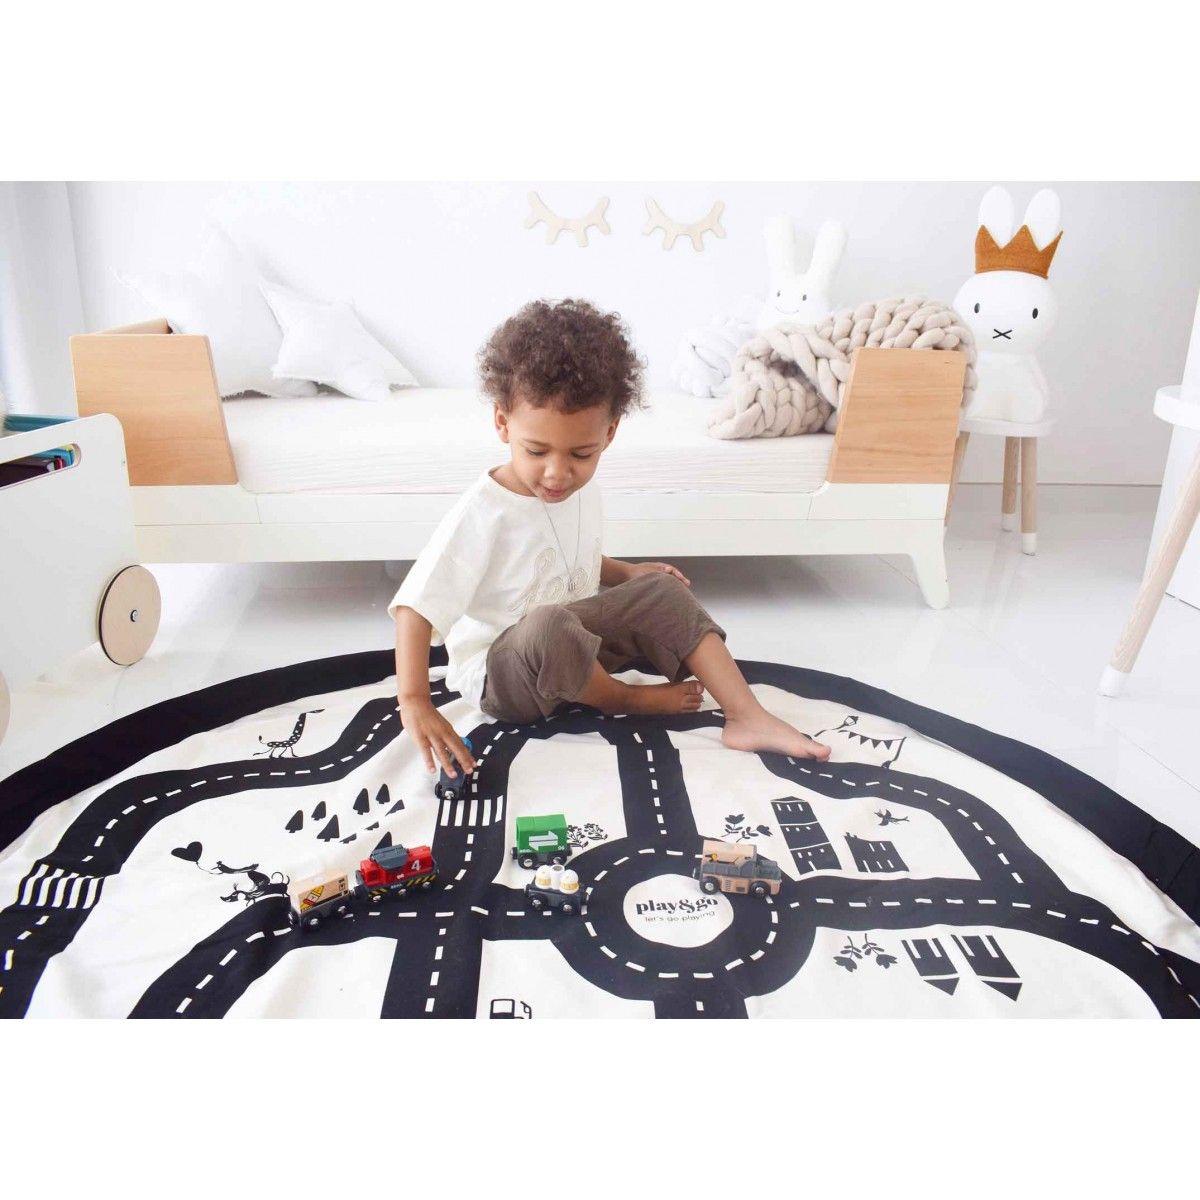 play go roadmap aufr umsack jetzt bei itkids kaufen. Black Bedroom Furniture Sets. Home Design Ideas